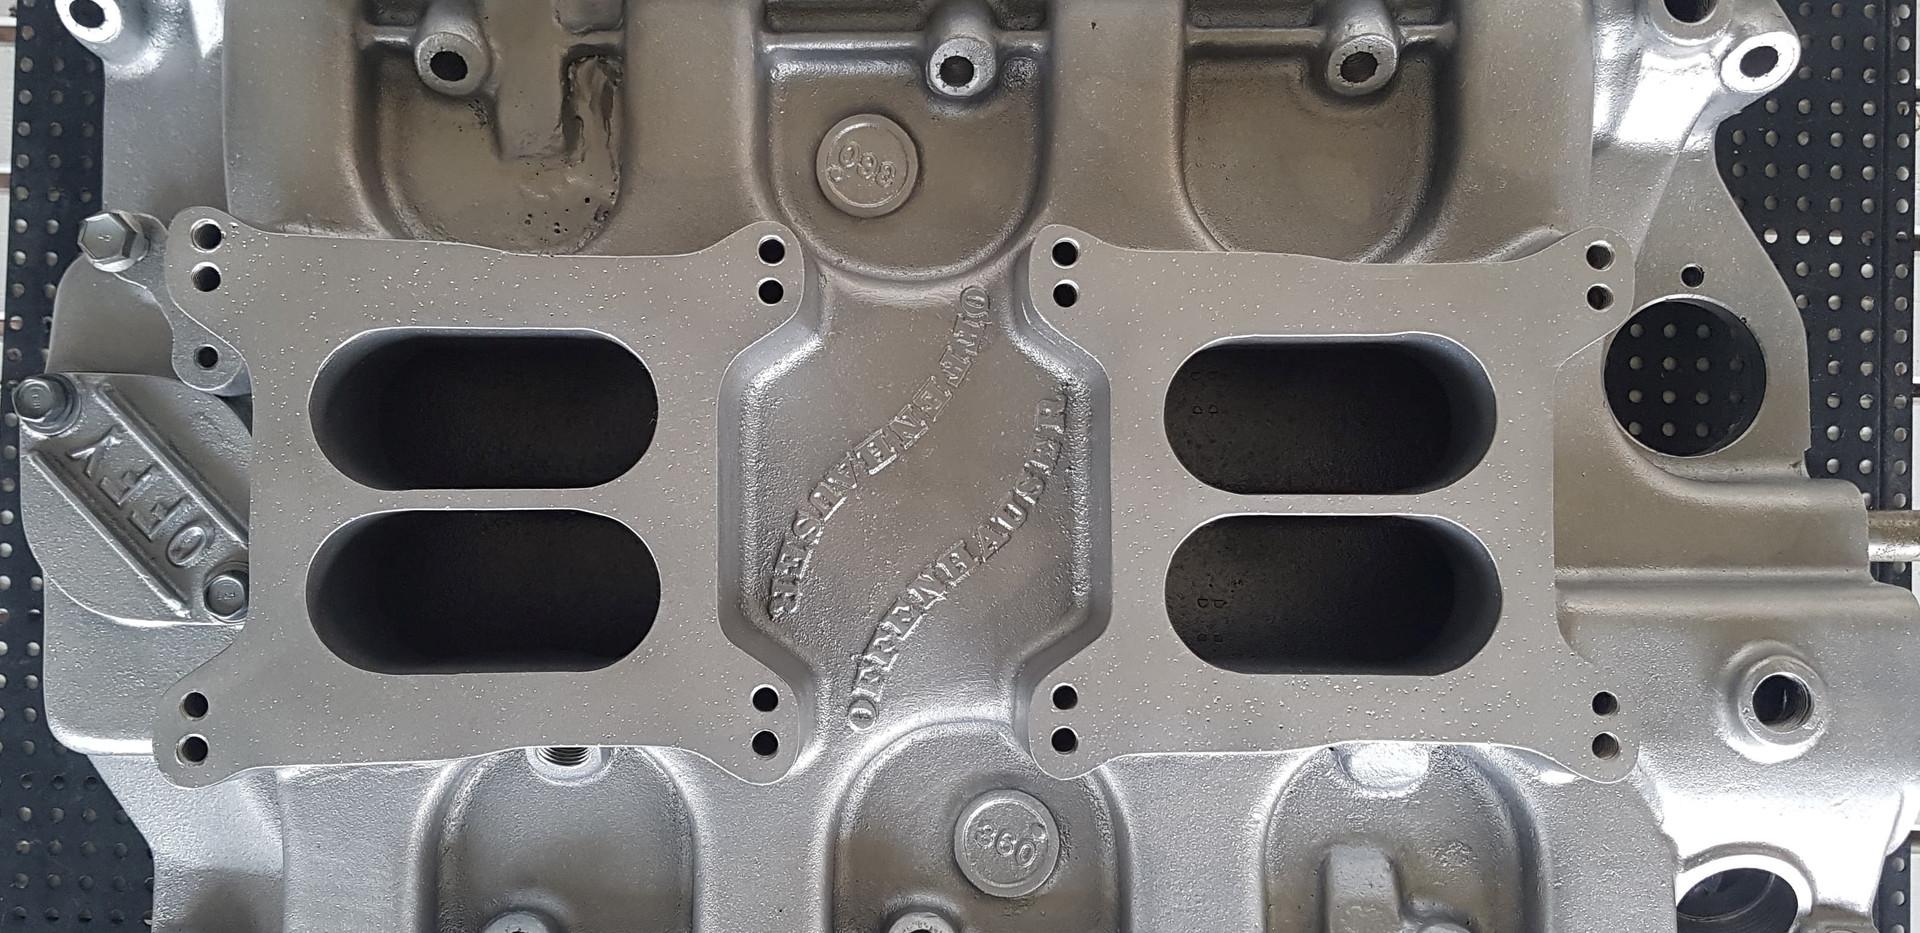 Offenhauser manifold